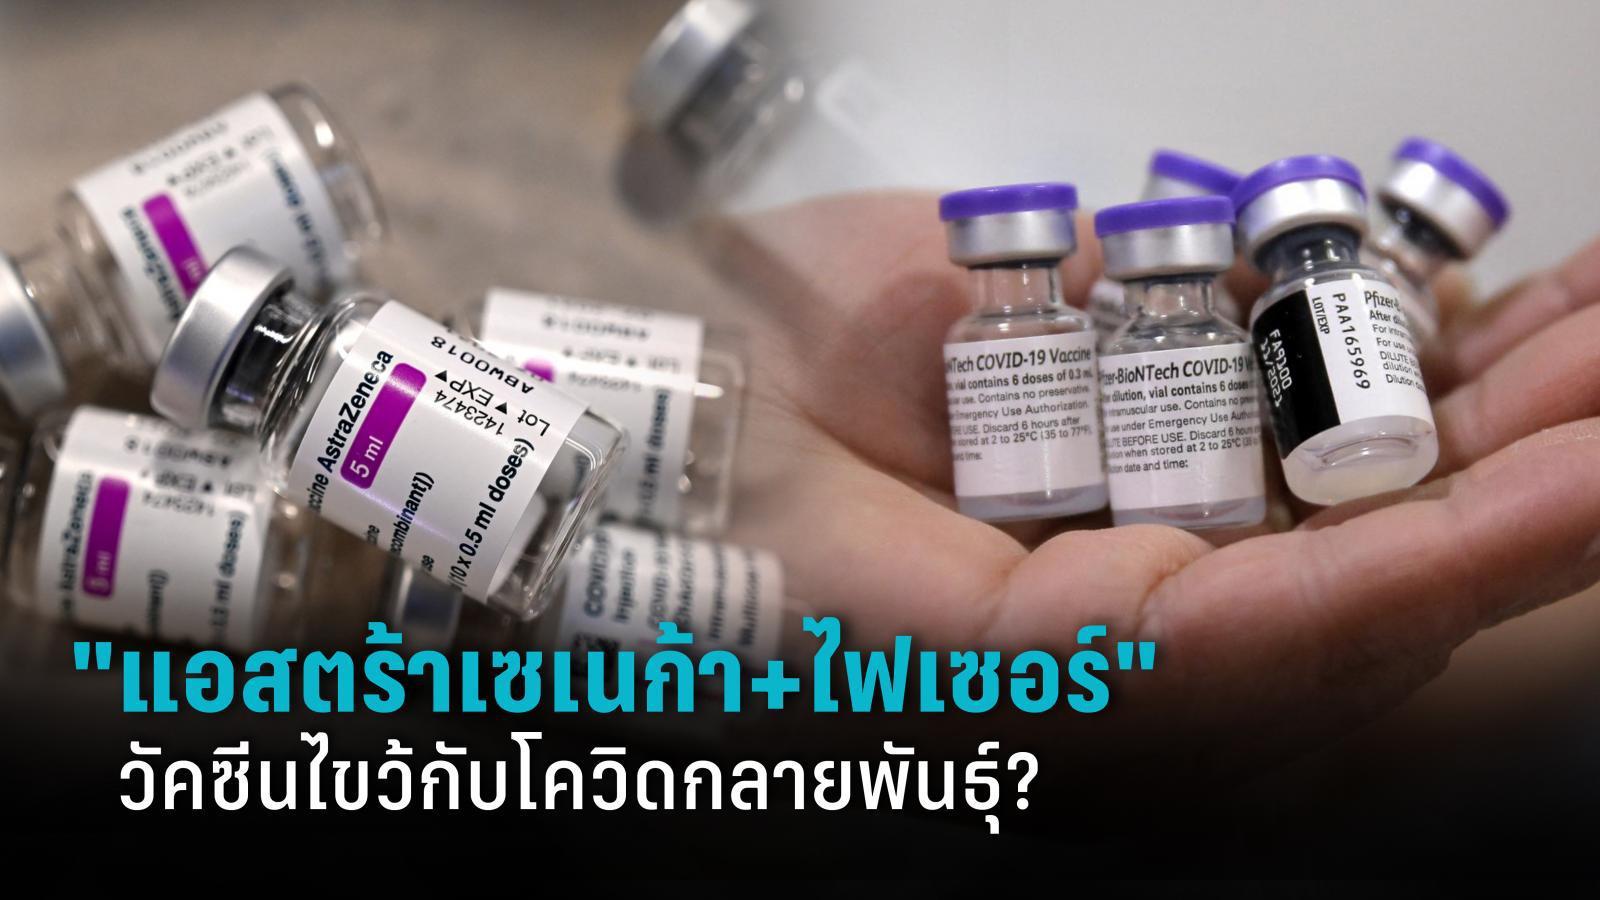 สูตรผสมวัคซีนไขว้